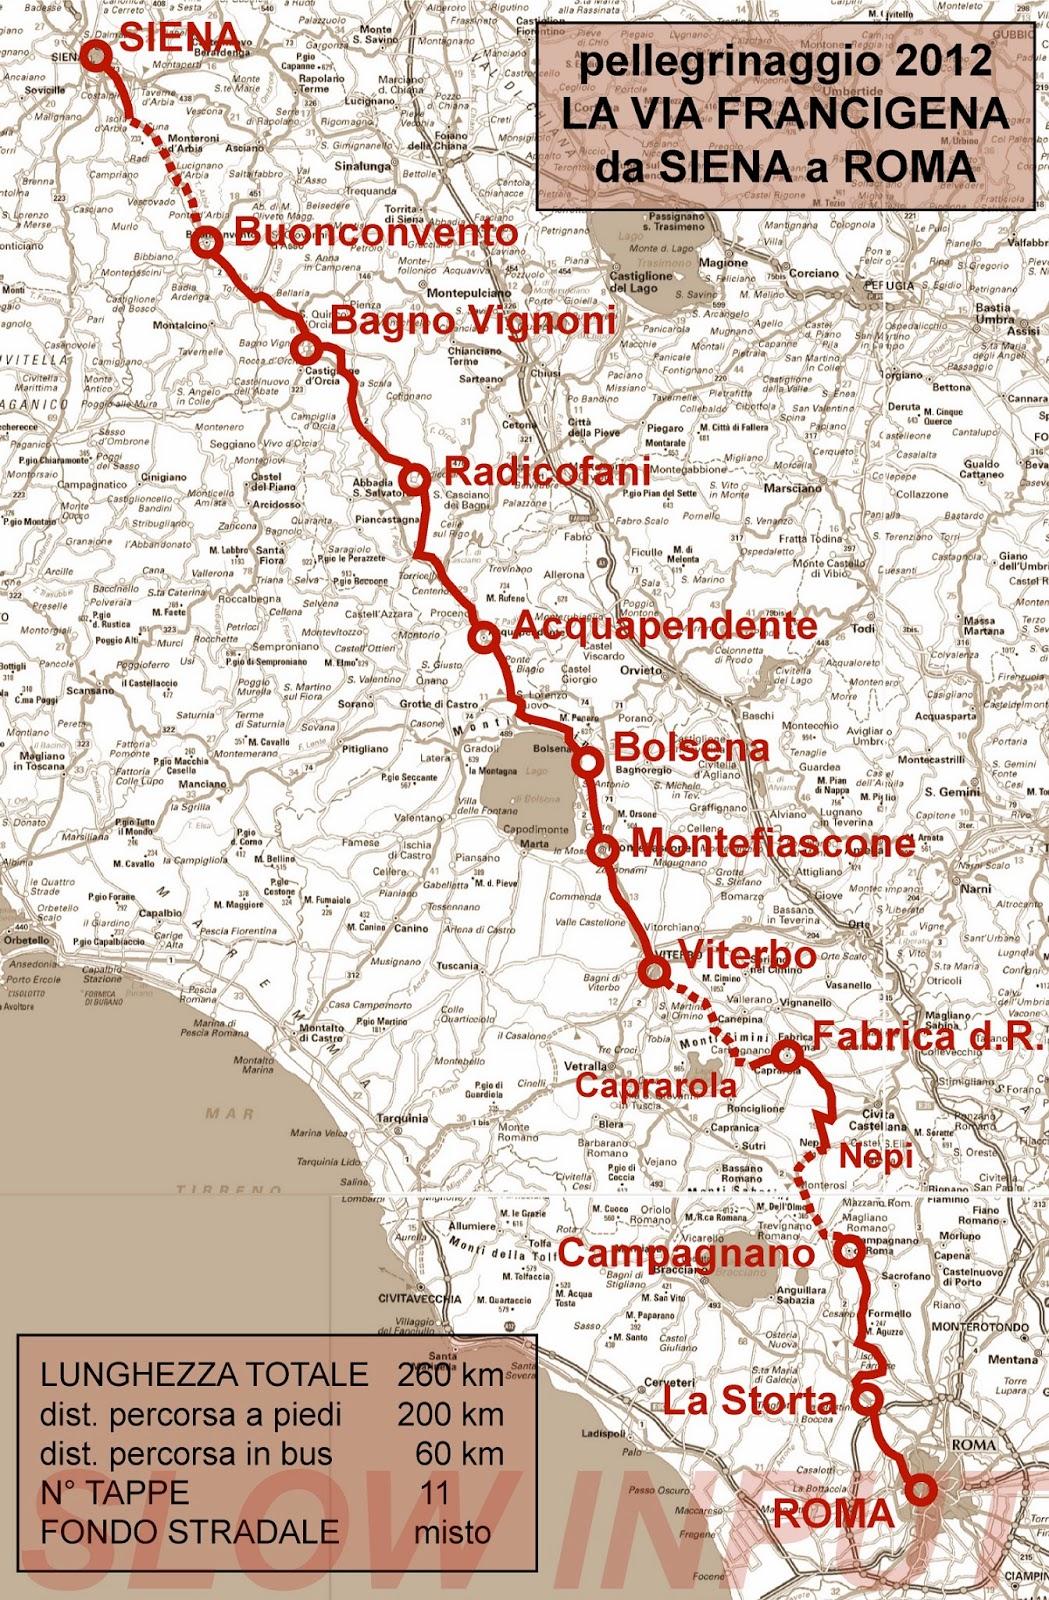 Slow input pellegrinaggio 2012 la via francigena da siena a roma - Distanza da siena a bagno vignoni ...